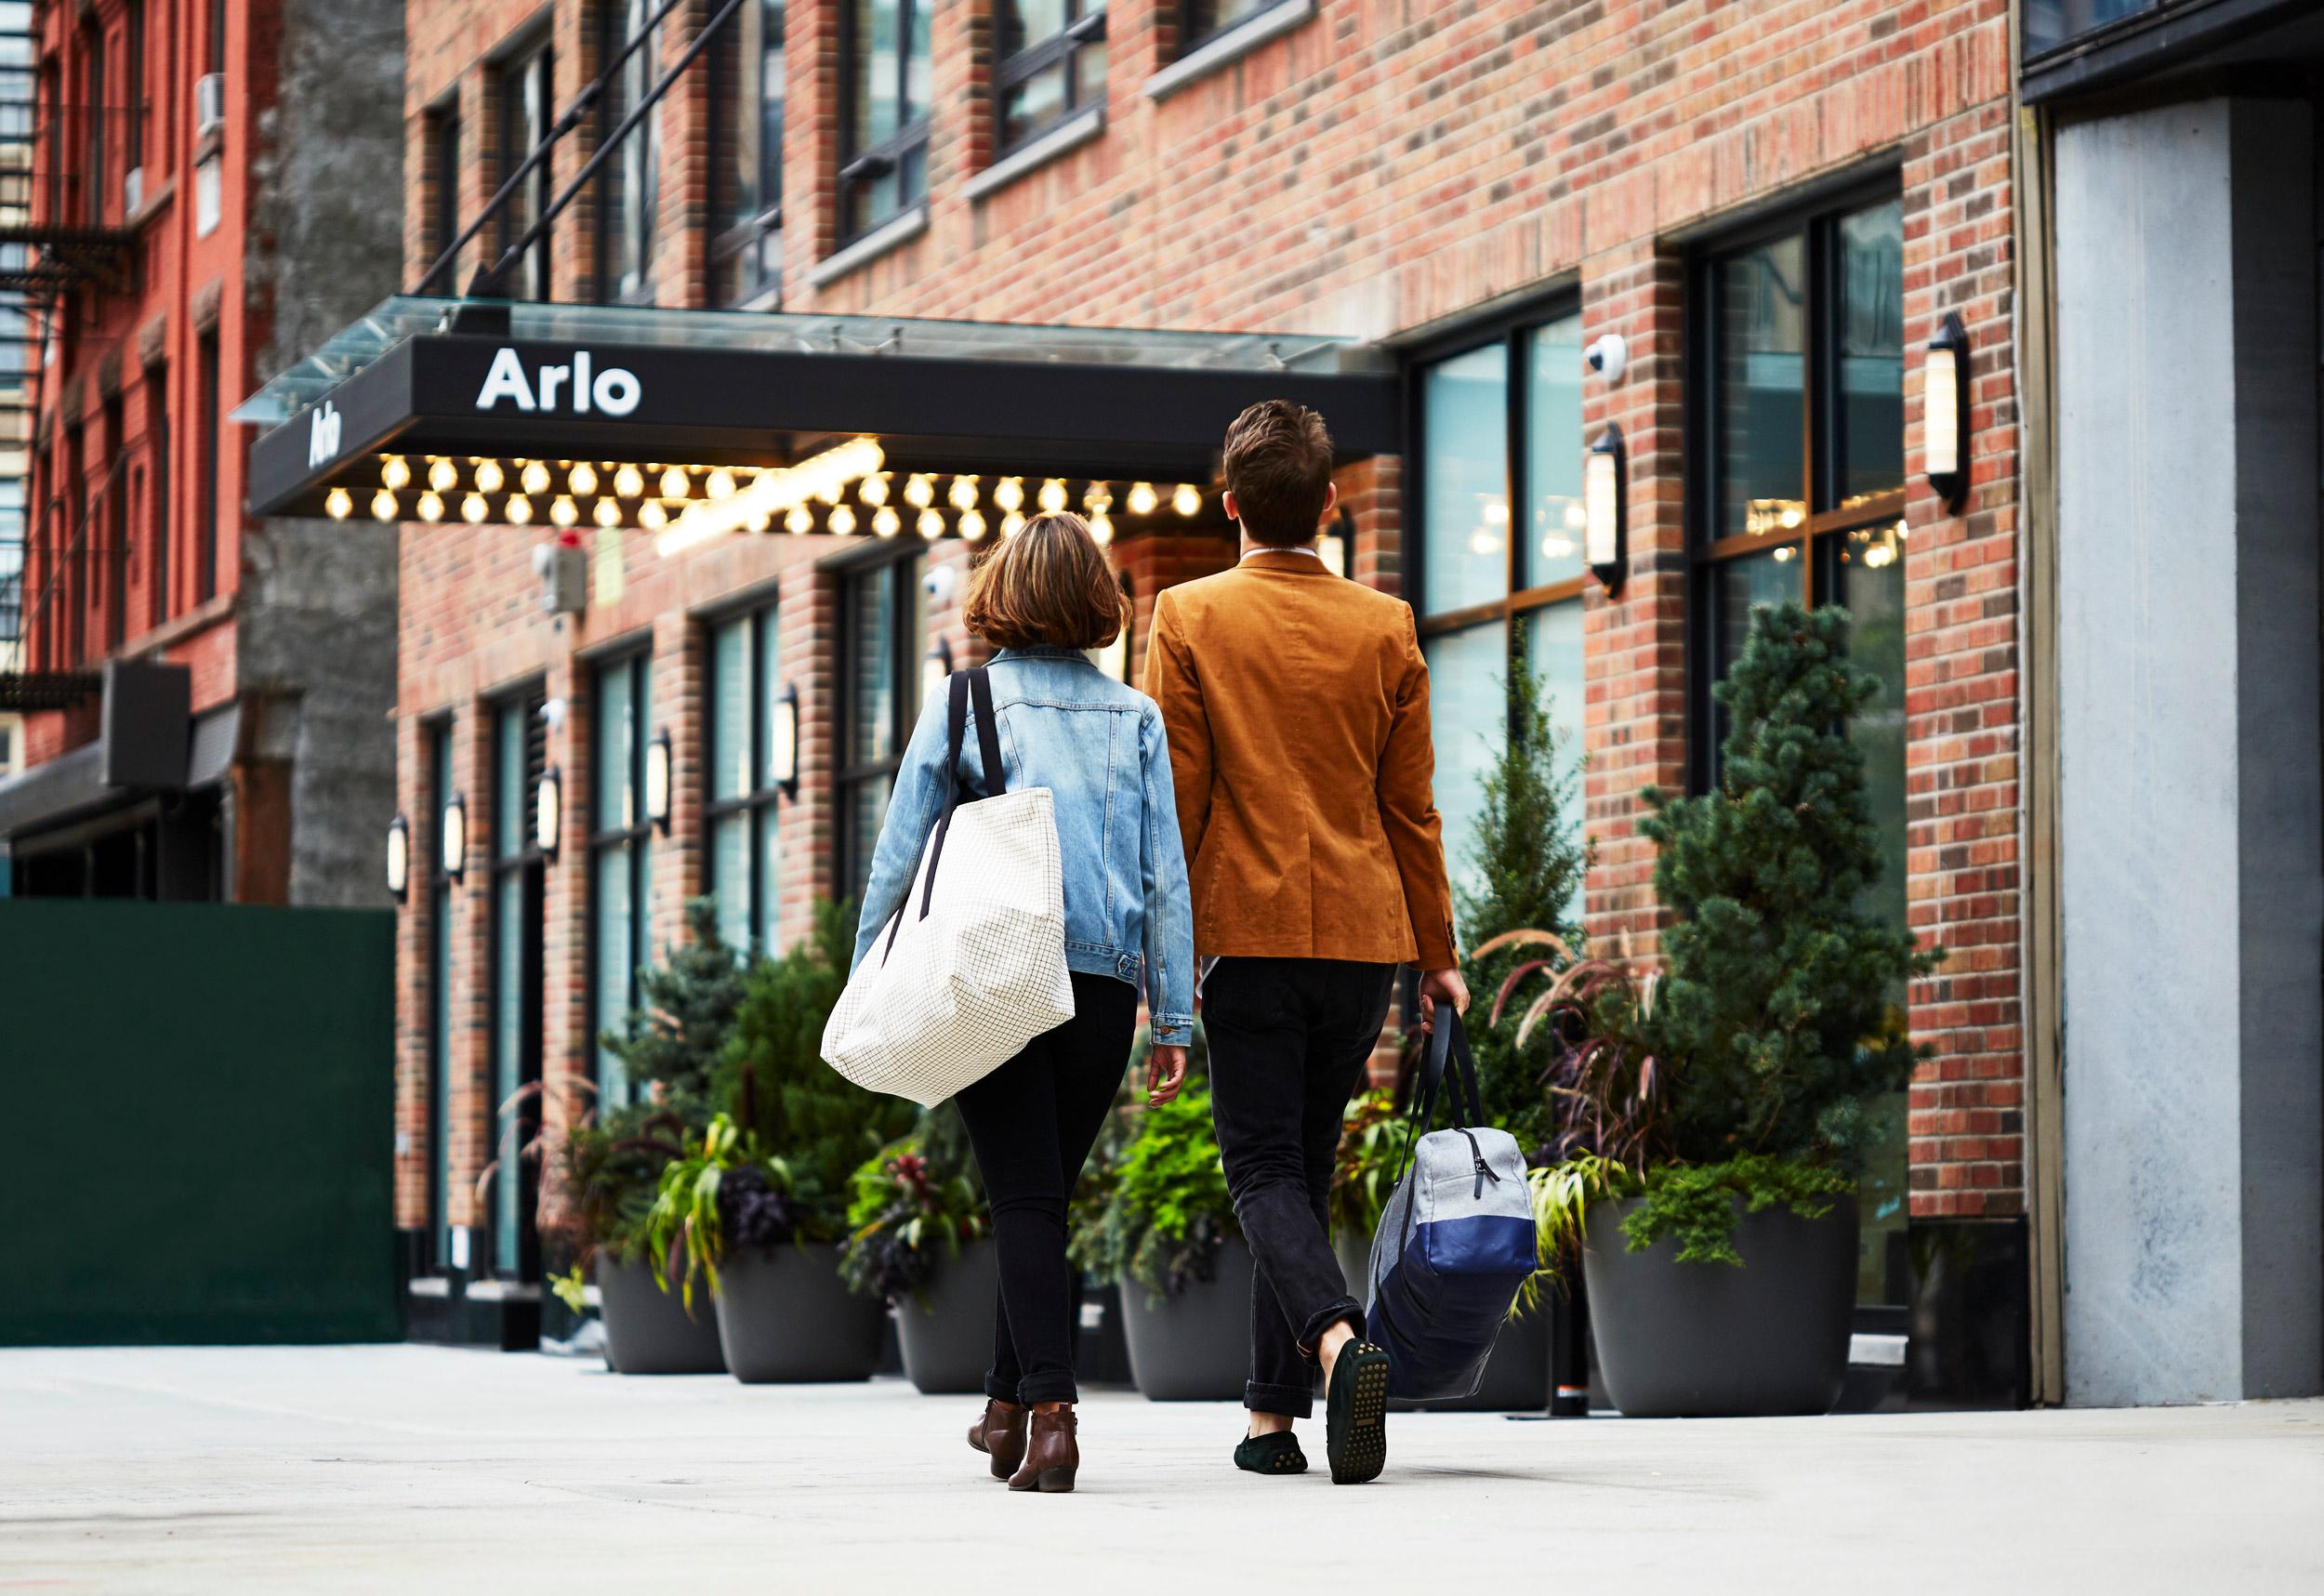 Arlo1